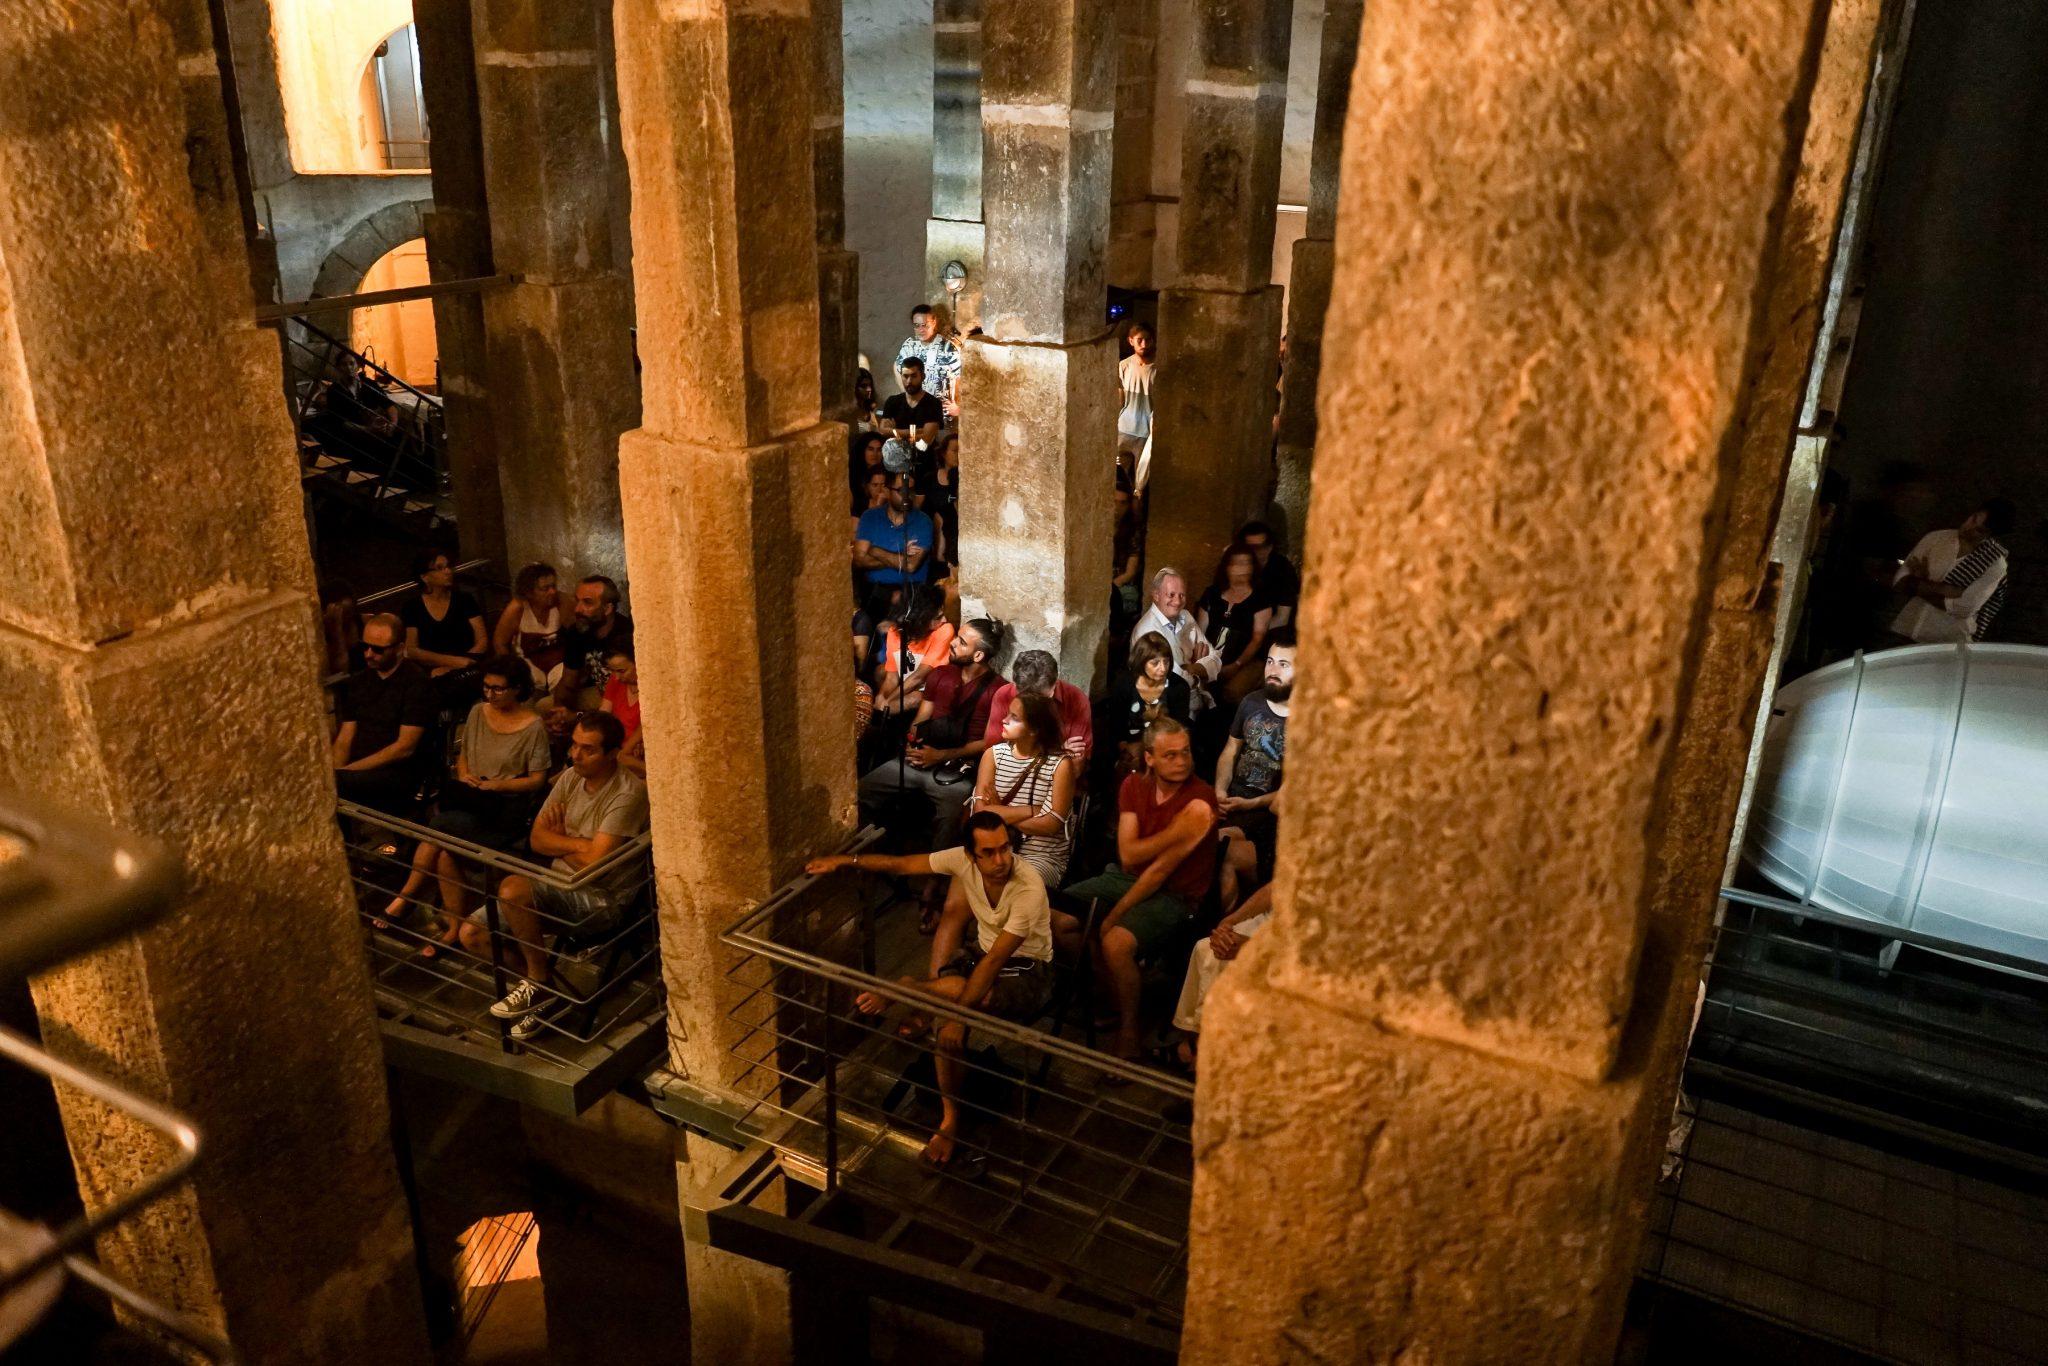 Grupo de pessoas sentadas de frente para o observador, entre as colunas do reservatório